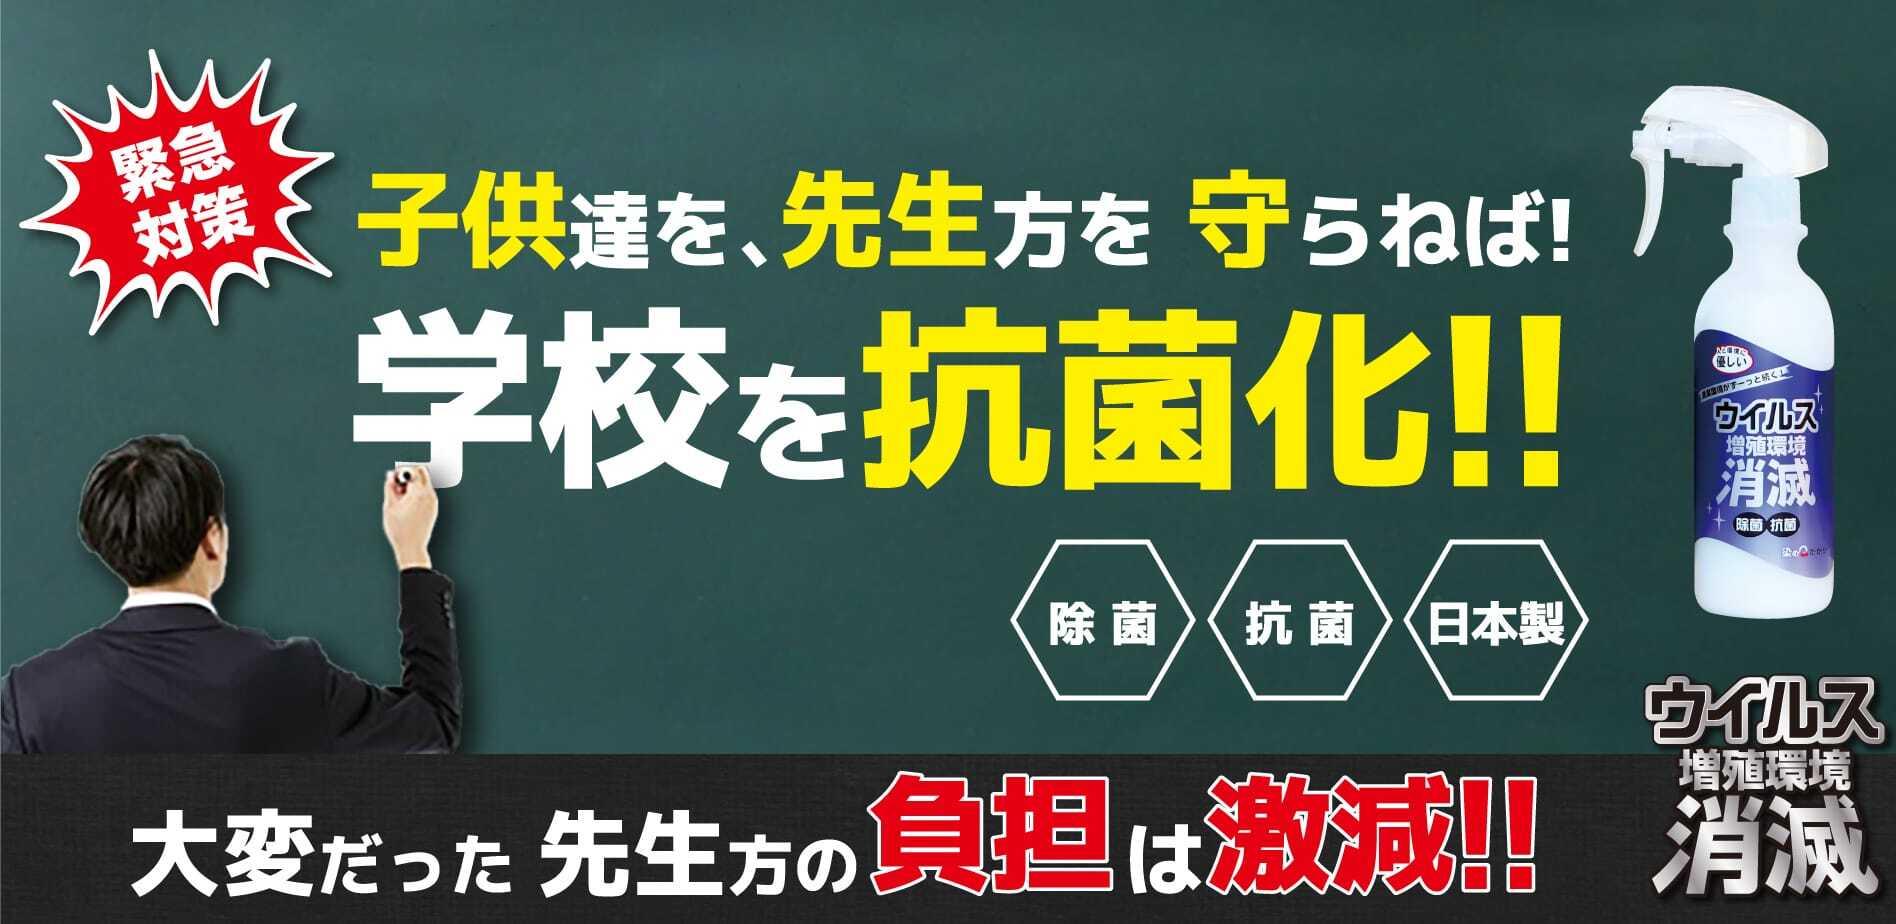 banner: ウイルス増殖環境消滅